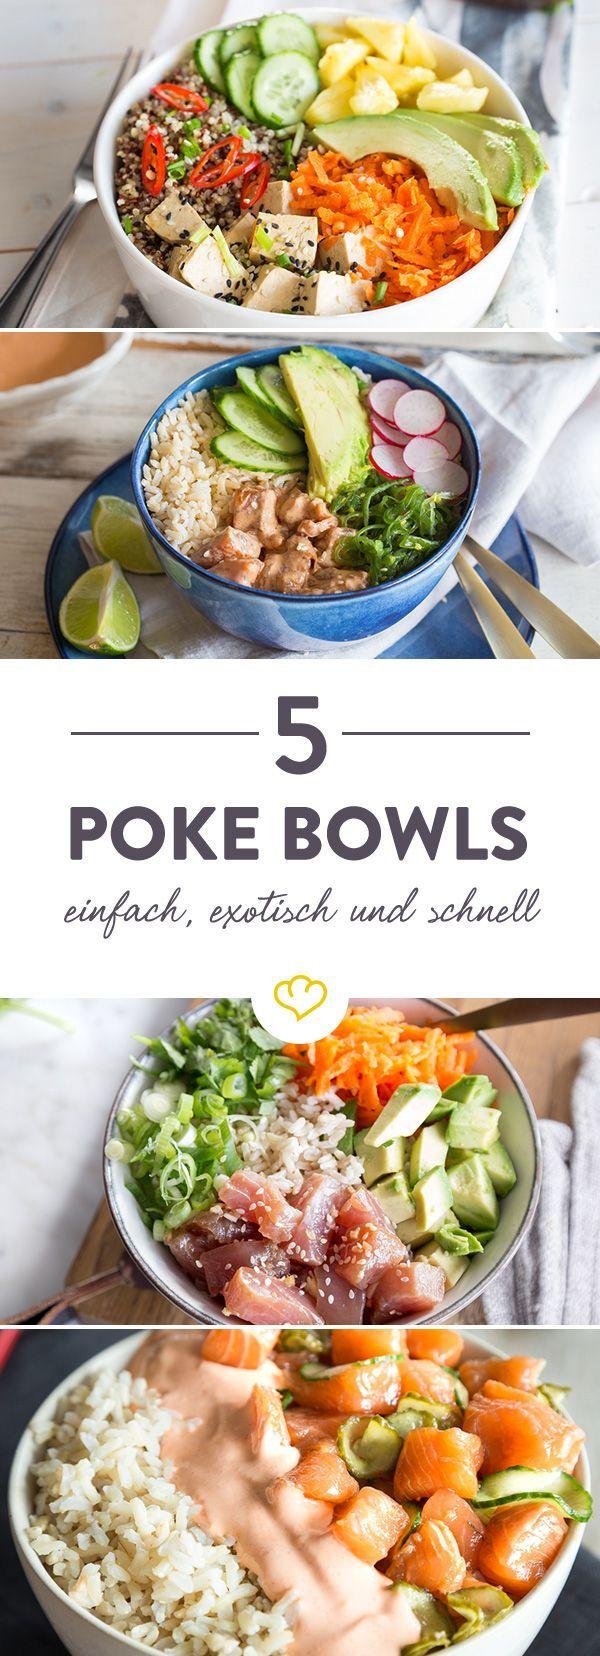 25+ best ideas about Poke bowl on Pinterest | Tuna poke ...